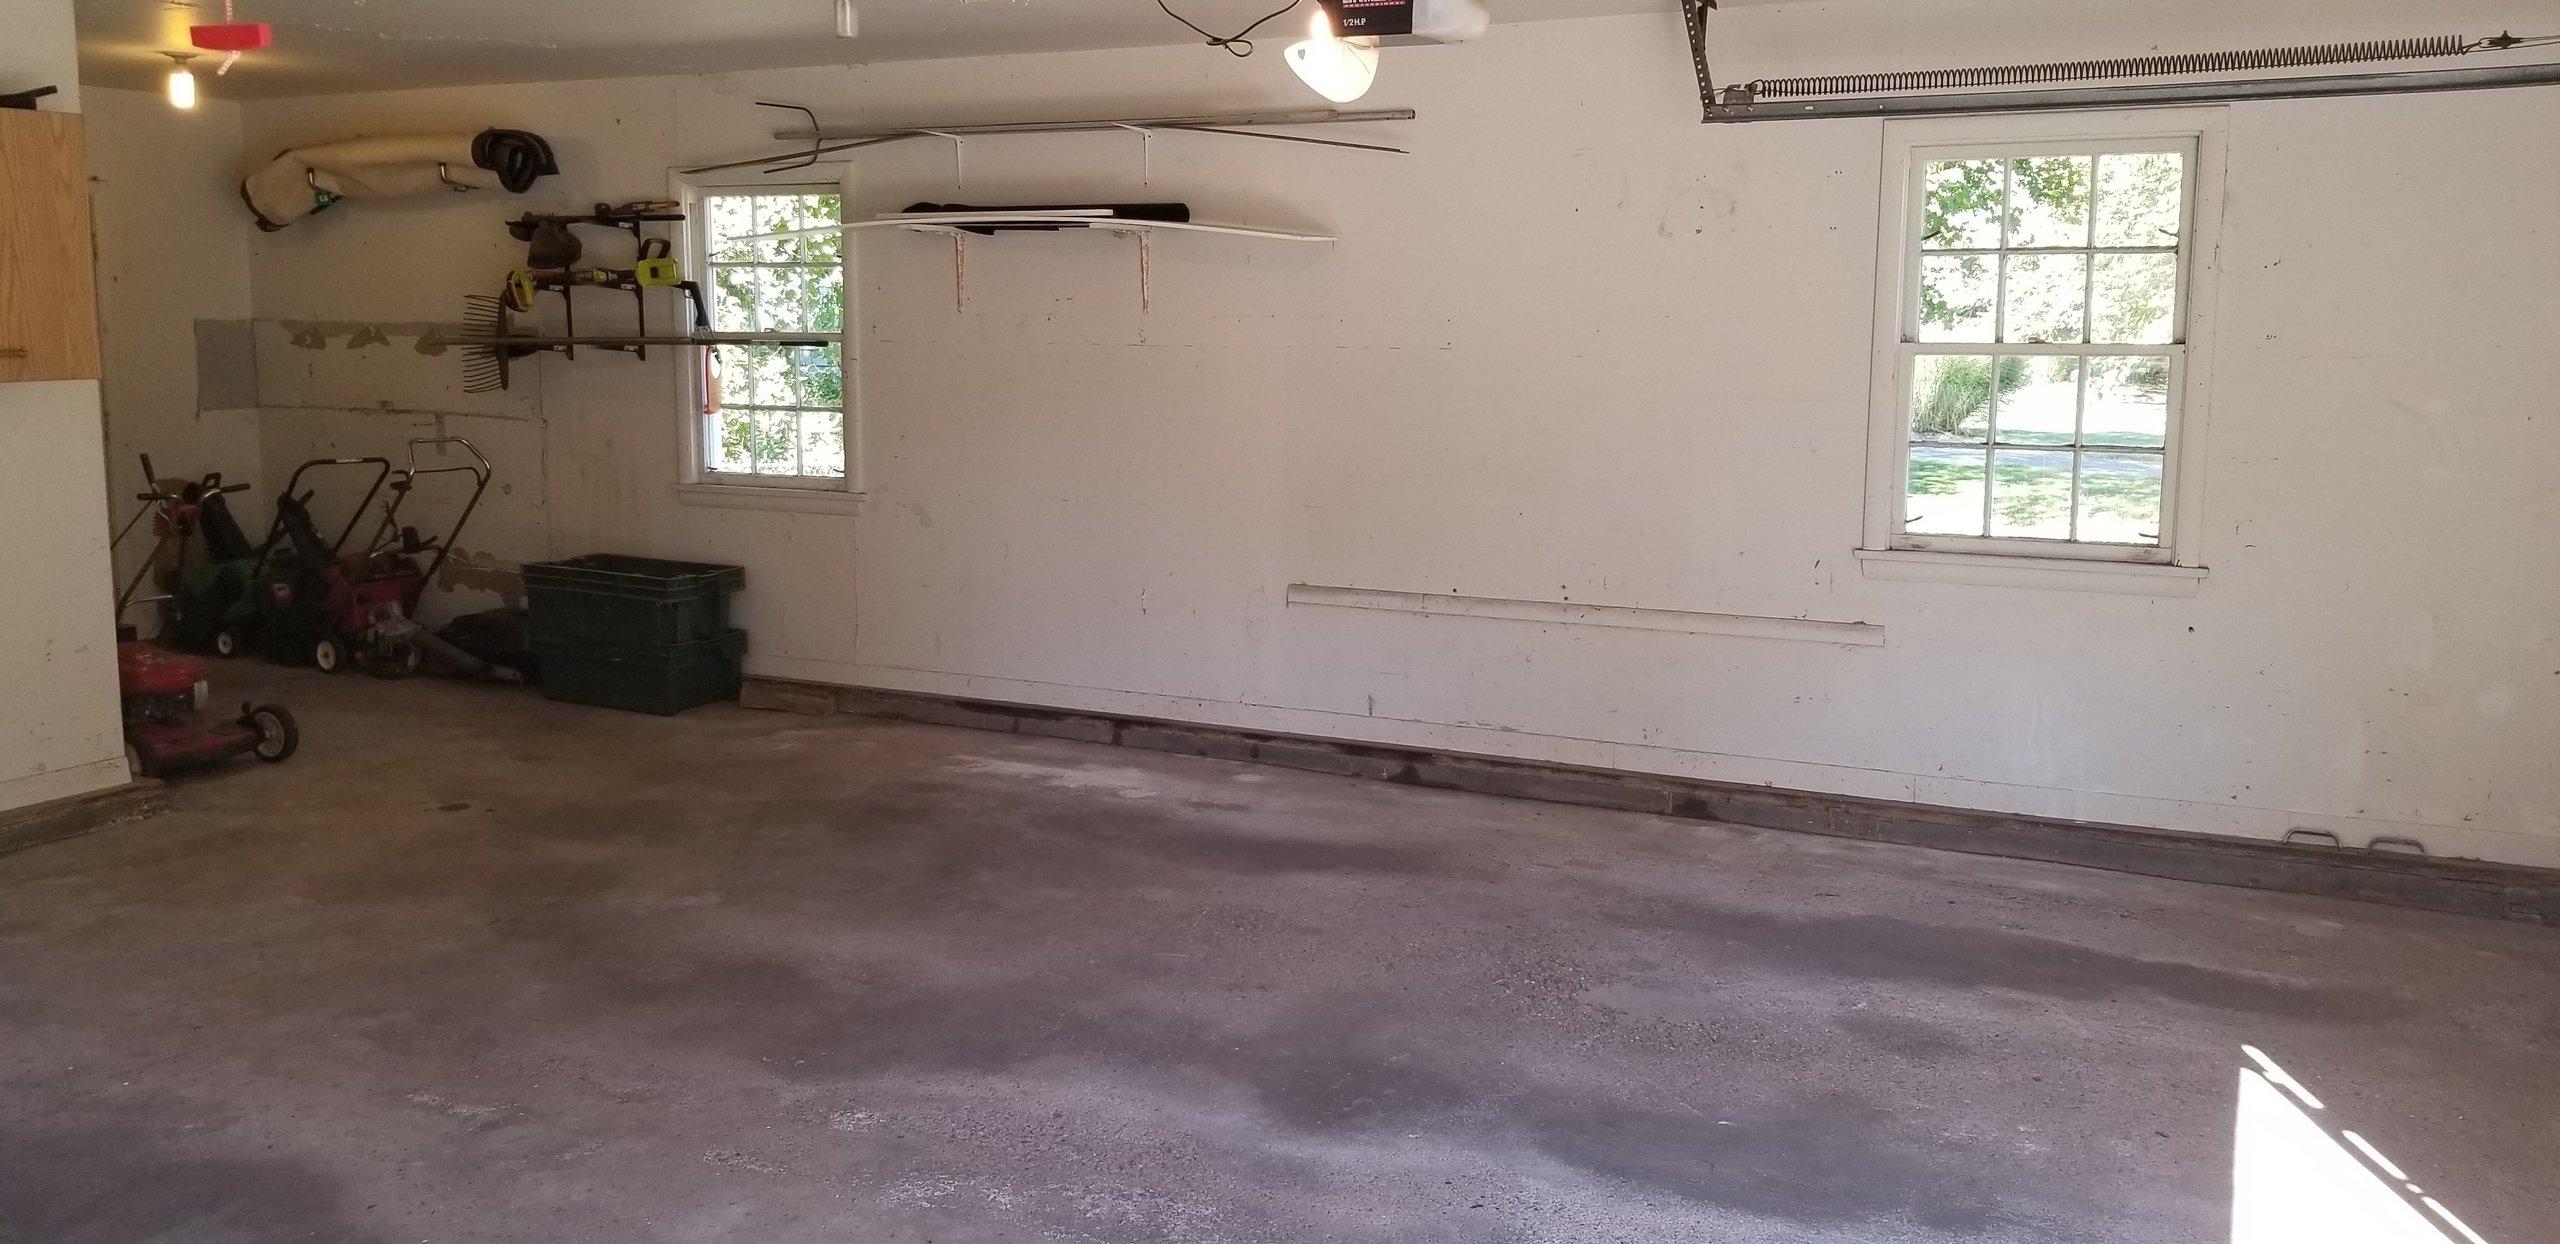 23x11 Garage self storage unit